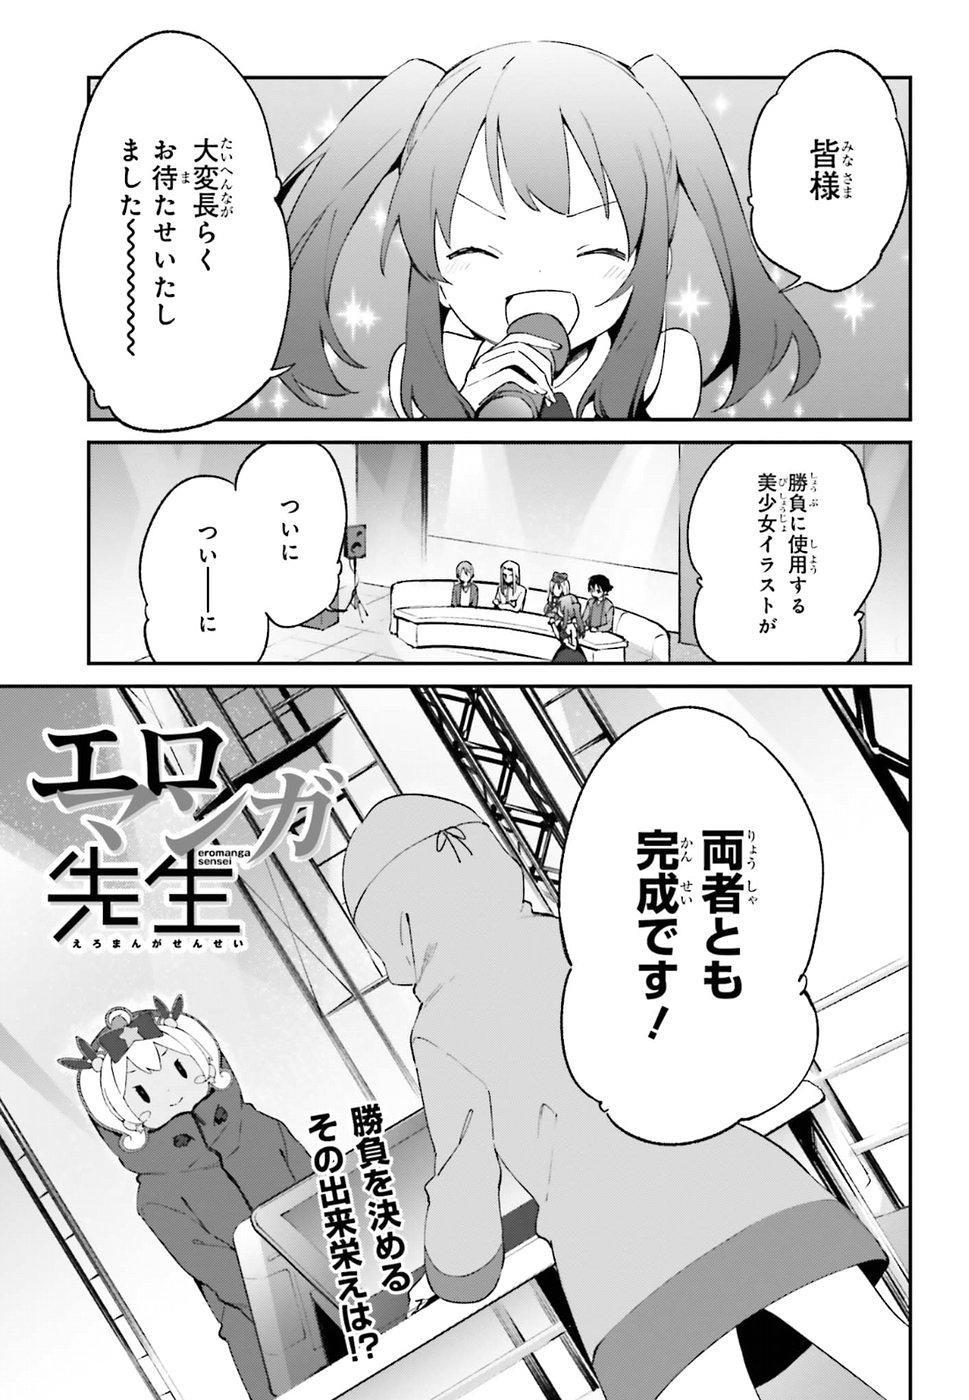 Ero Manga Sensei - Chapter 45 - Page 1